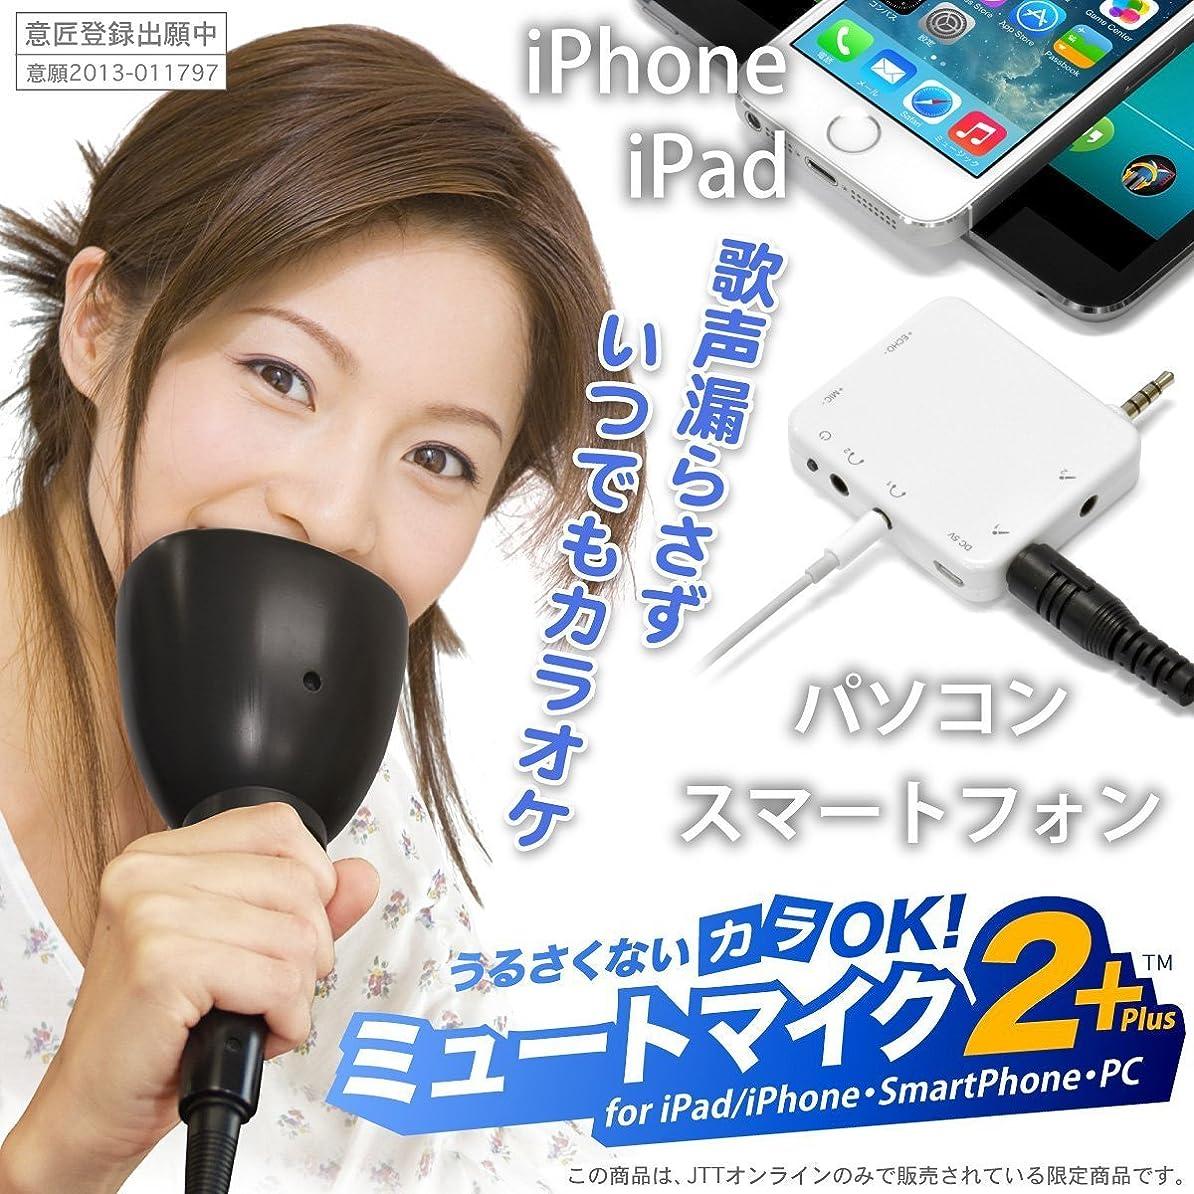 クリエイティブ悩む本質的ではないカラオケマイク Bluetooth ポータブルスピーカー 高音質 無線マイク 録音 多機能 HIFI ノイズキャンセリング 音楽再生 家庭カラオケ USB充電 Android/iPhoneに対応 (ブラック)